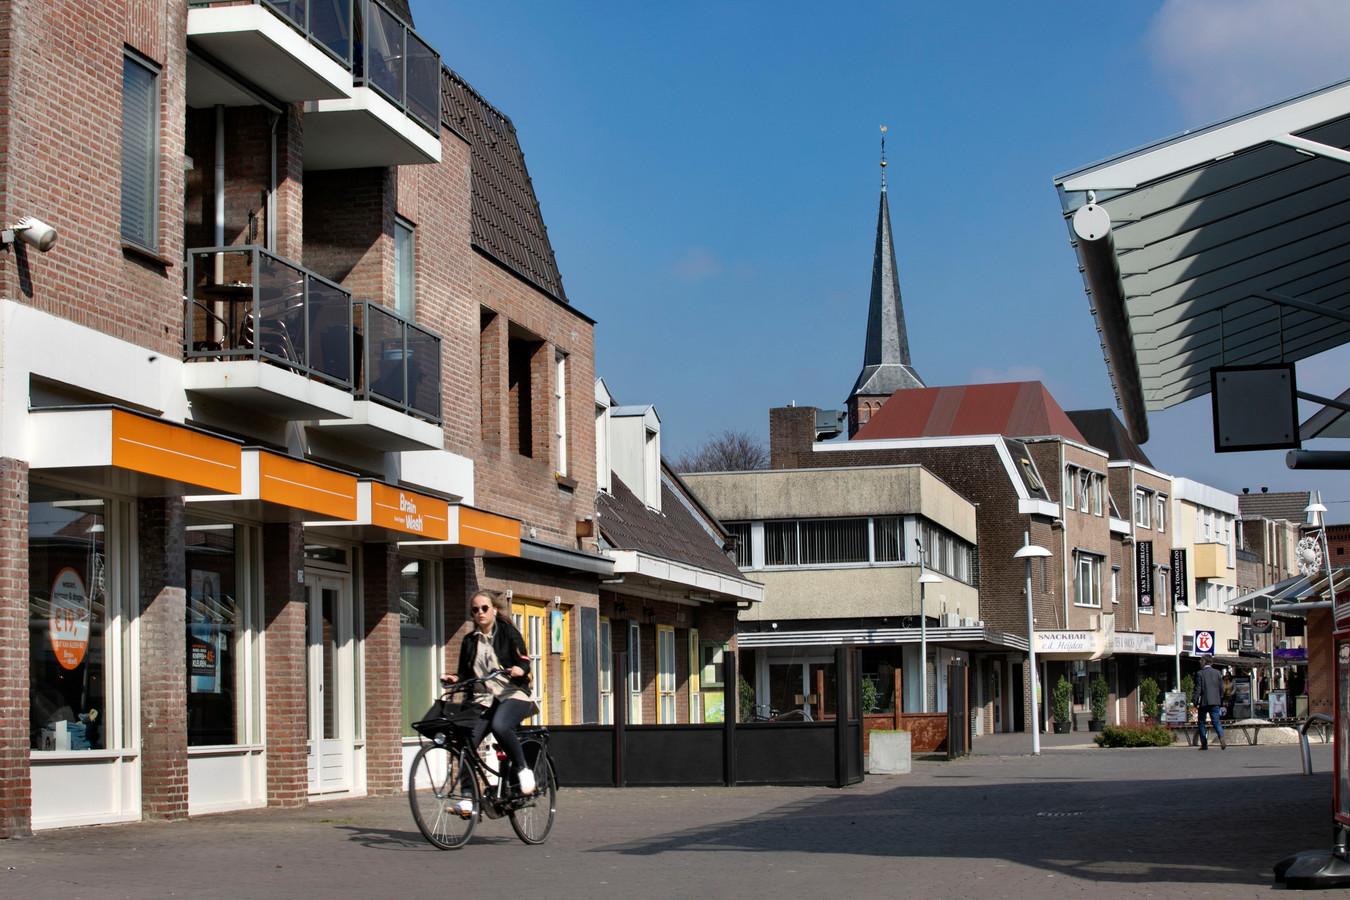 Winkelcentrum den Hof in Aalst.